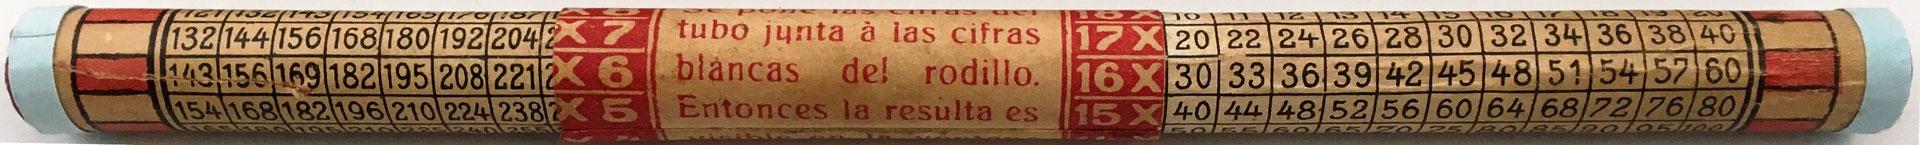 Instrucciones de uso, en español, inscritas sobre el cursor del calculador